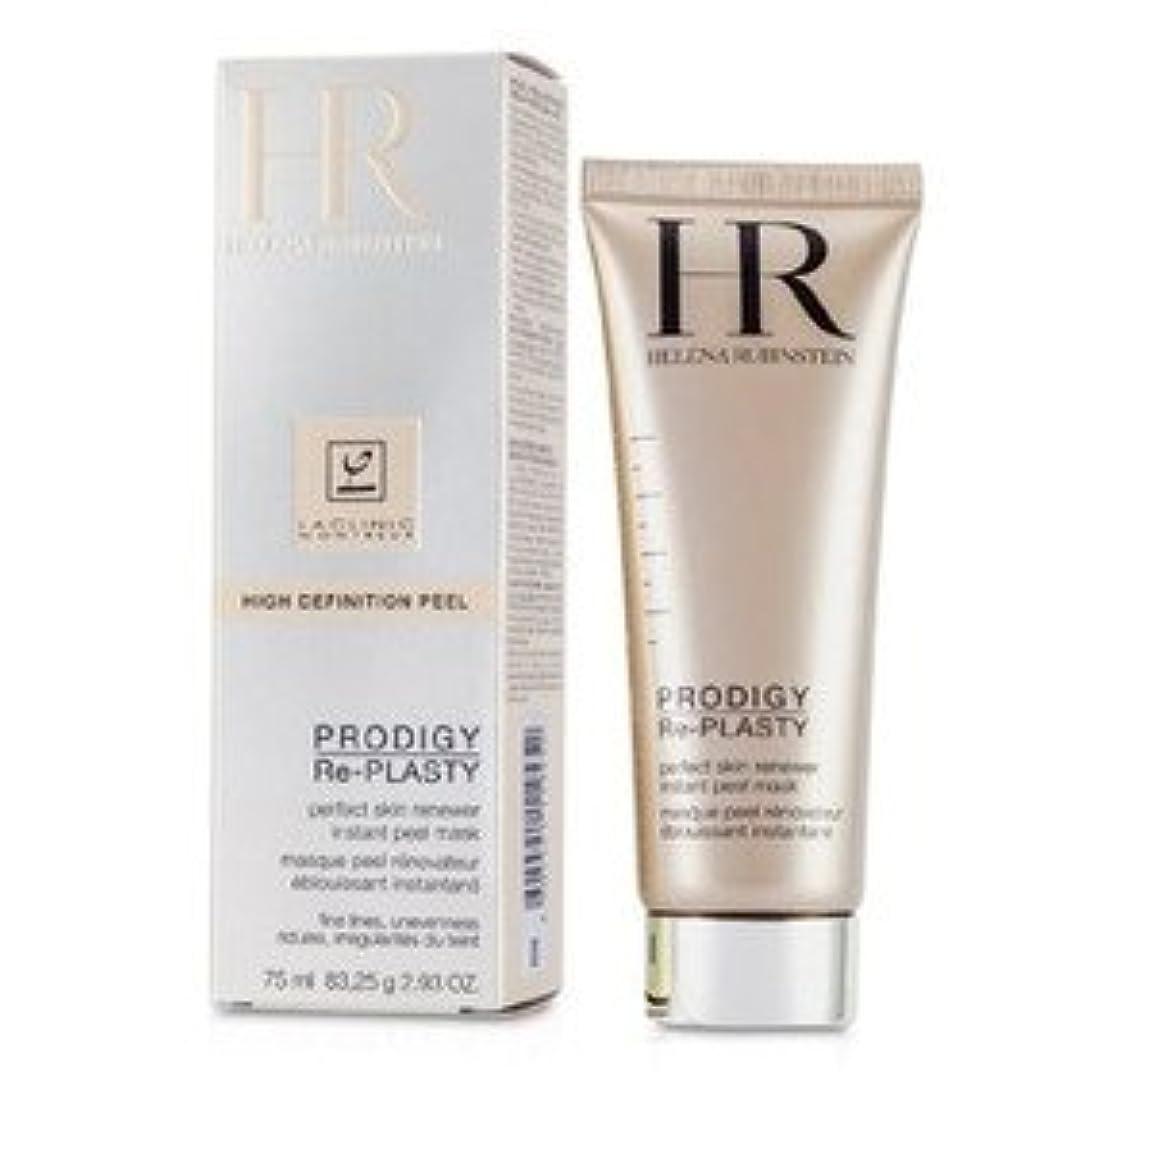 考古学者絶対に贅沢なHelena Rubinstein(ヘレナ?ルビンスタイン) Prodigy Re-Plasty High Definition Peel Perfect Skin Renewer Instant Peel Mask 75ml...